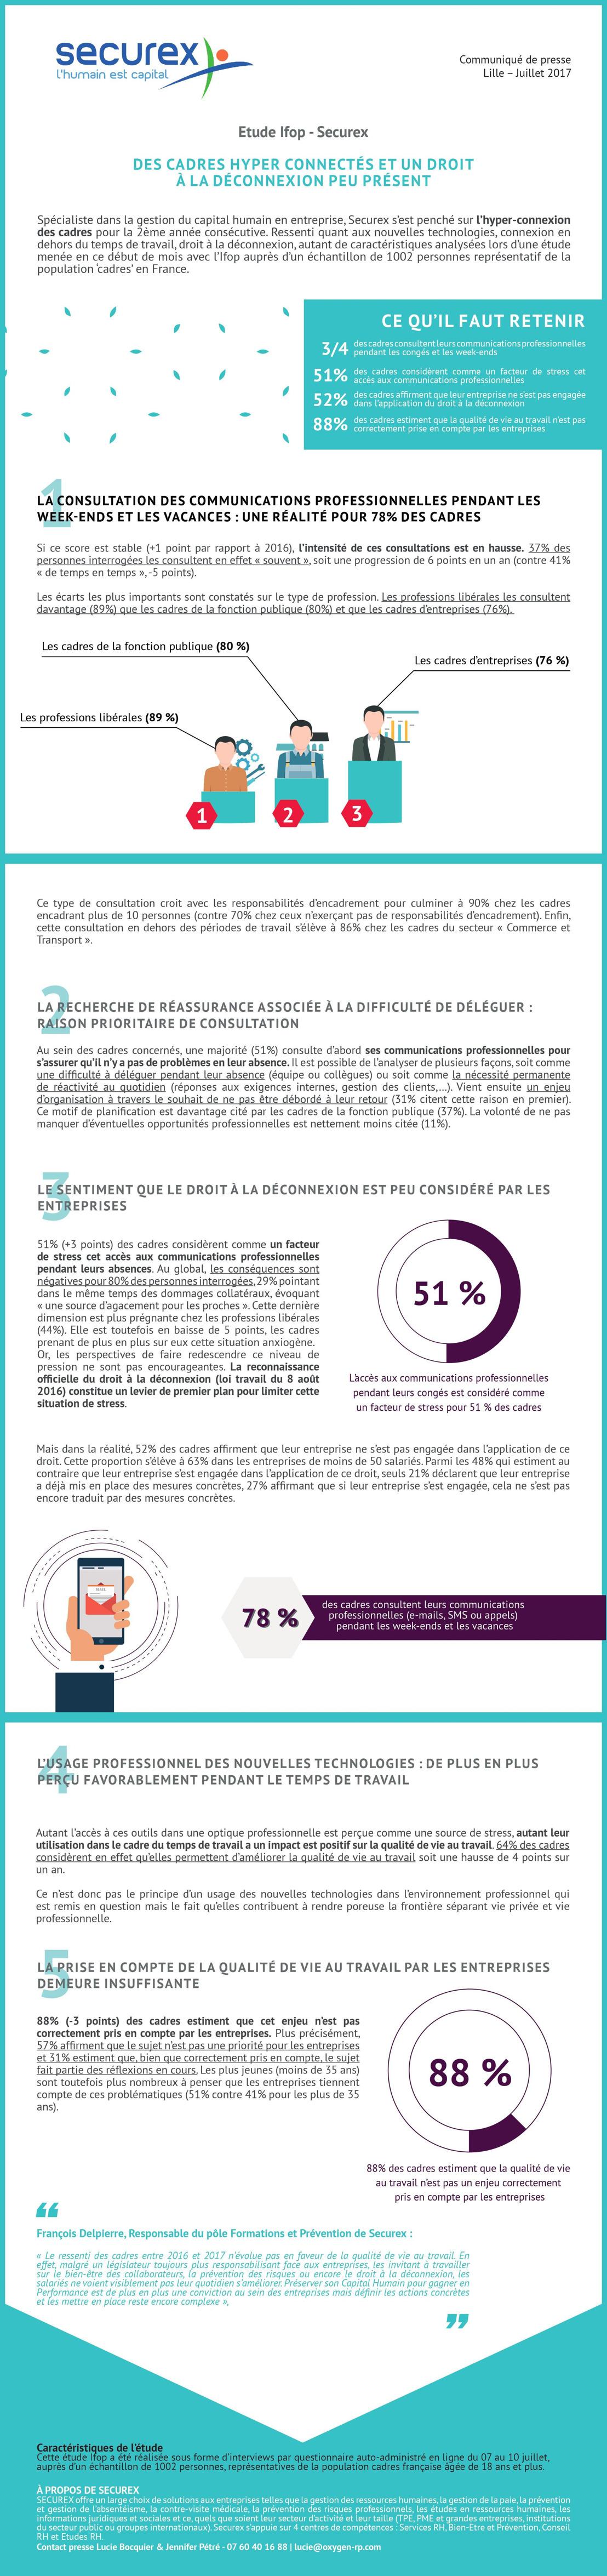 Enquête sur l'Hyperconnexion IFOP - Securex France 2017